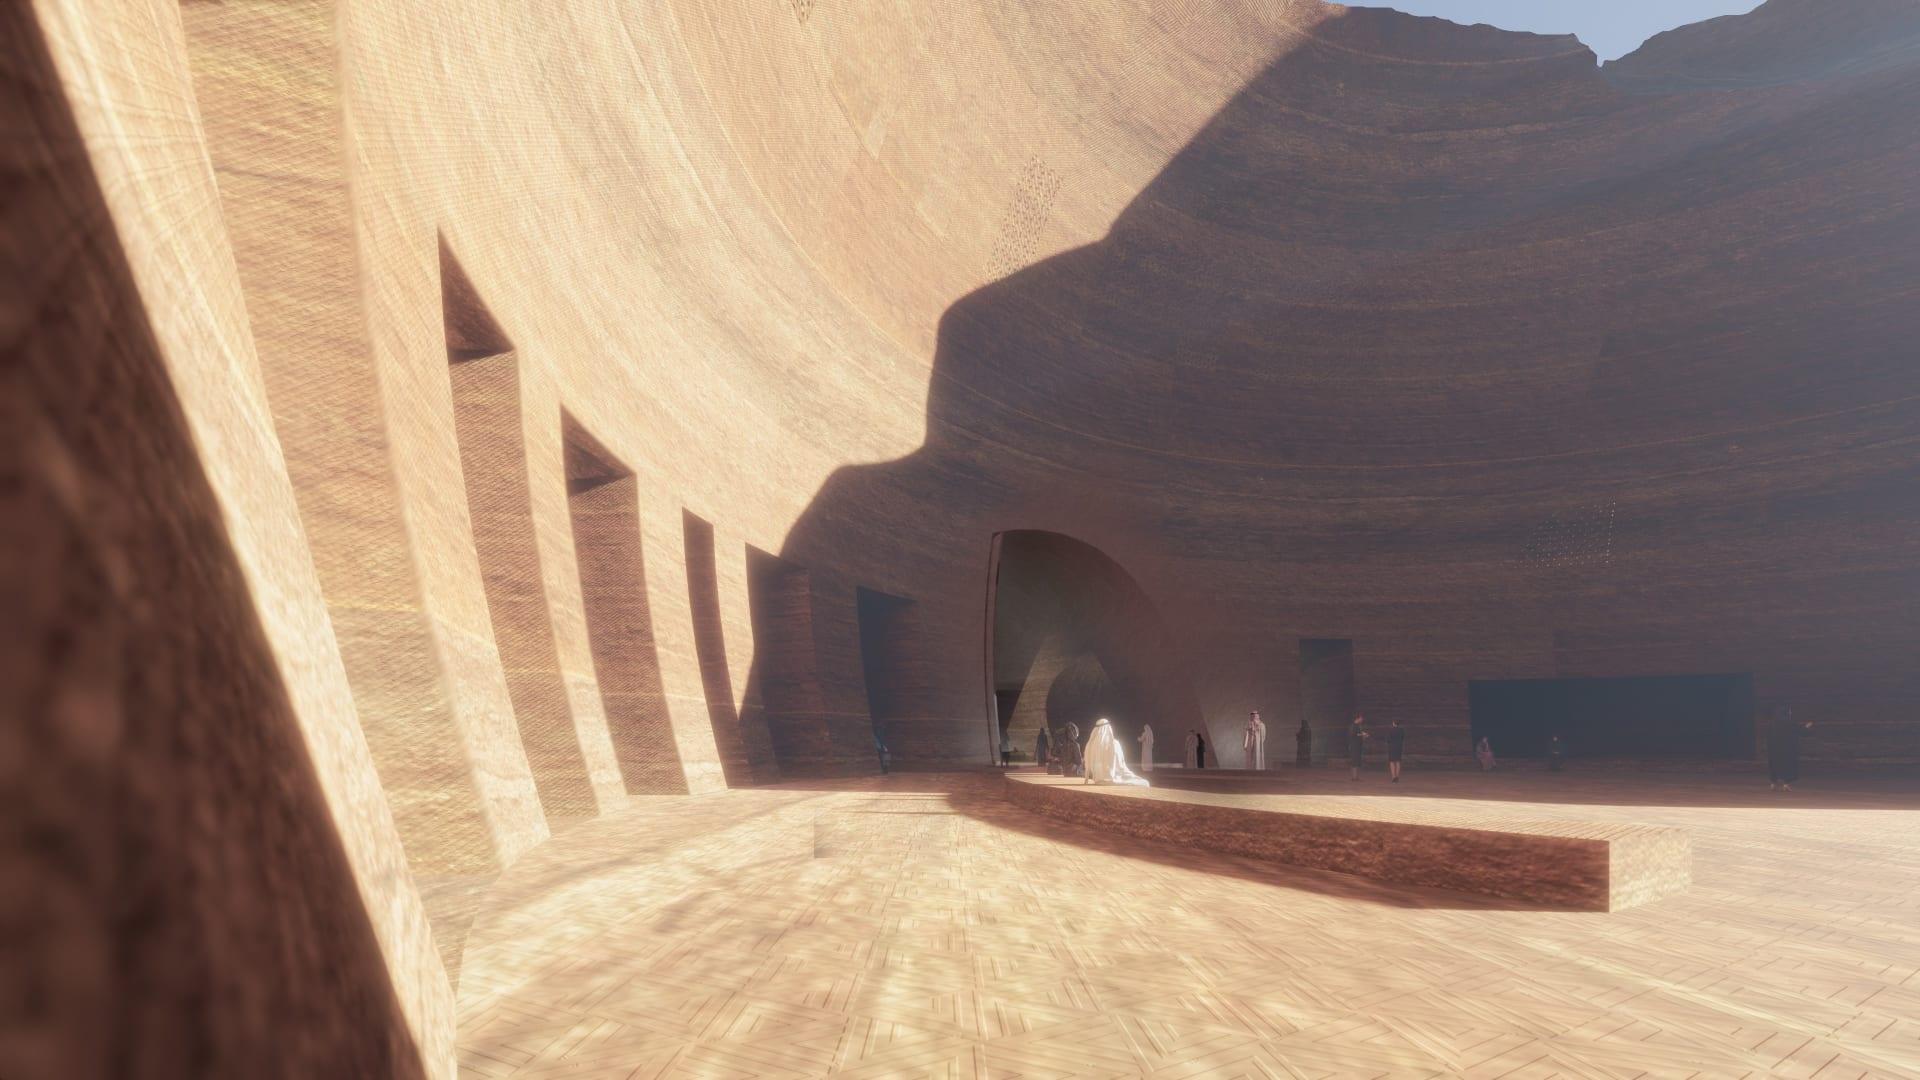 مخفي بين الطبيعة الصحراوية للعلا.. سيكون هذا المنتجع الفريد قيد الإنشاء بالسعودية